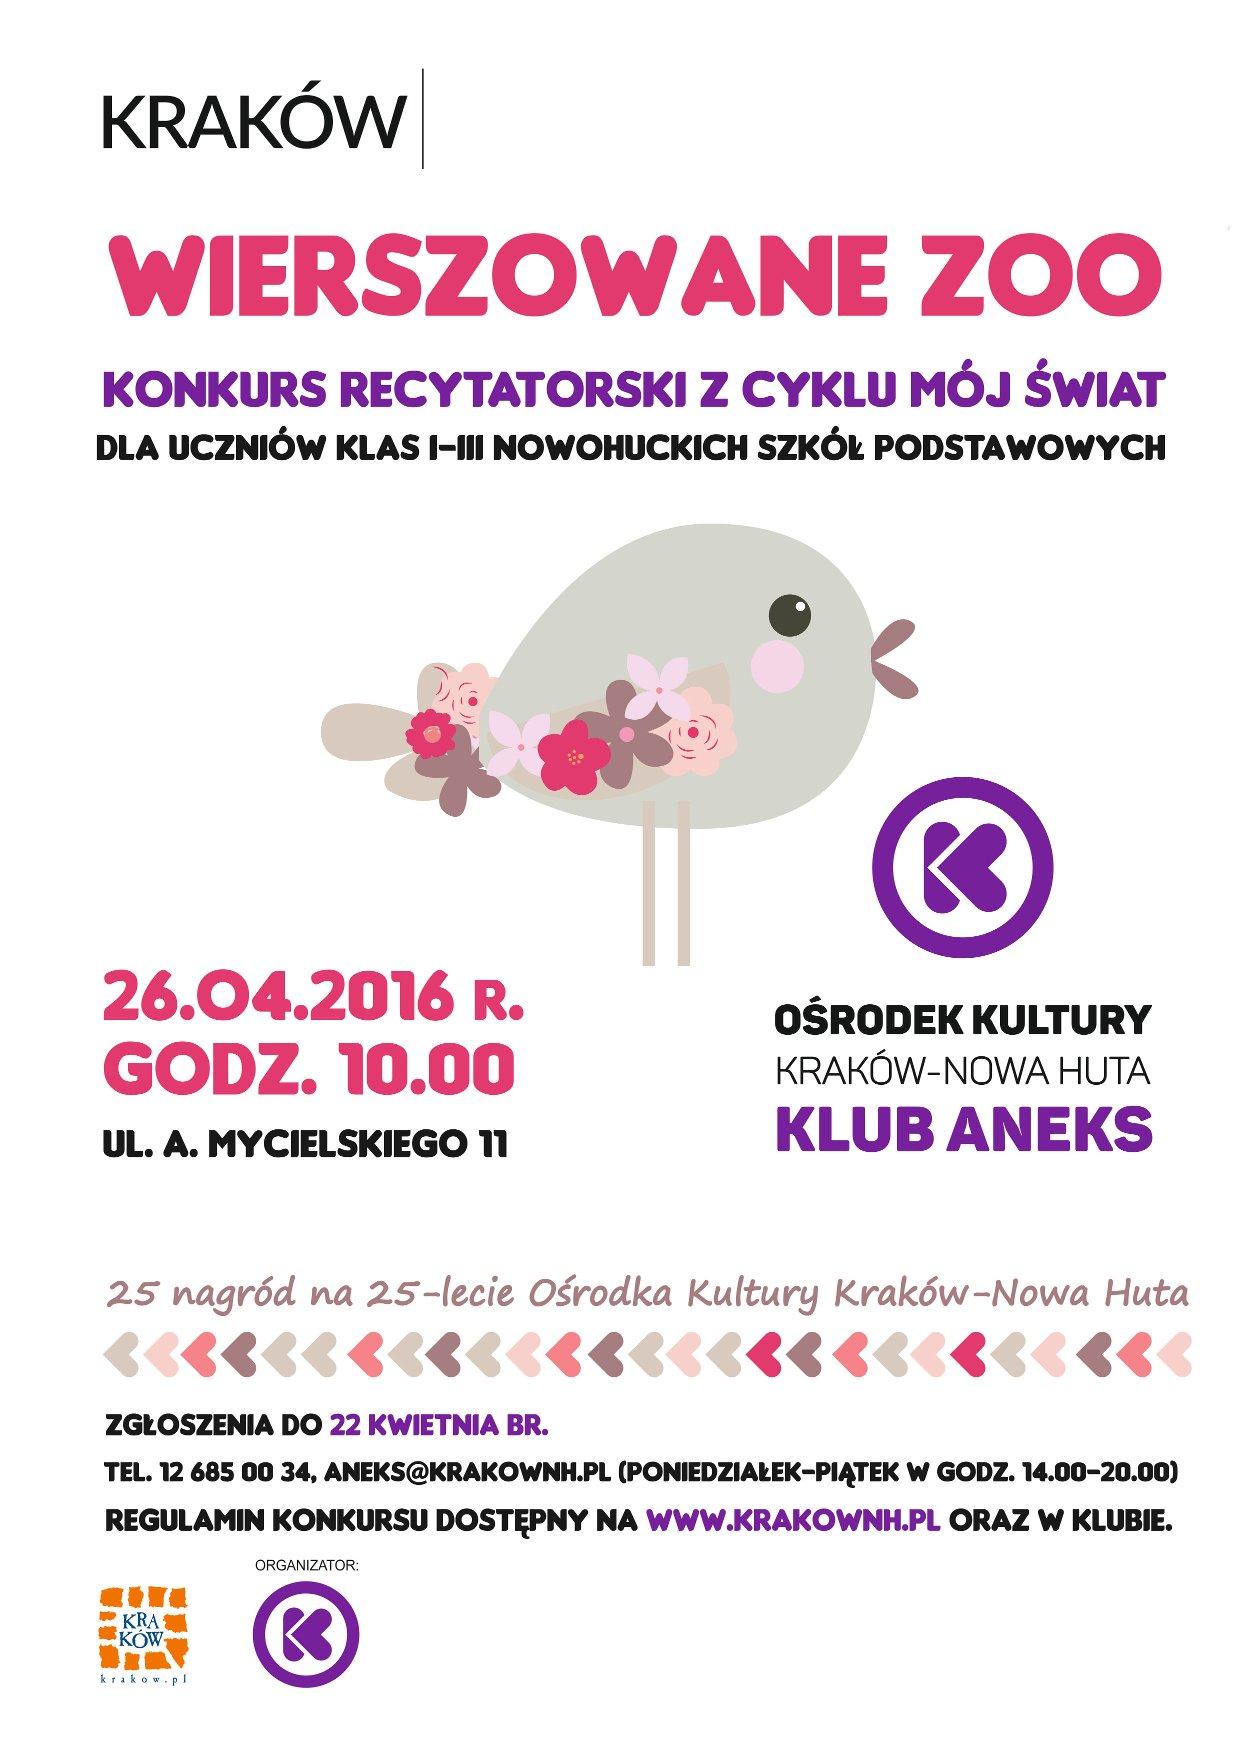 recytatorski konkurs dla uczniów w Krakowie